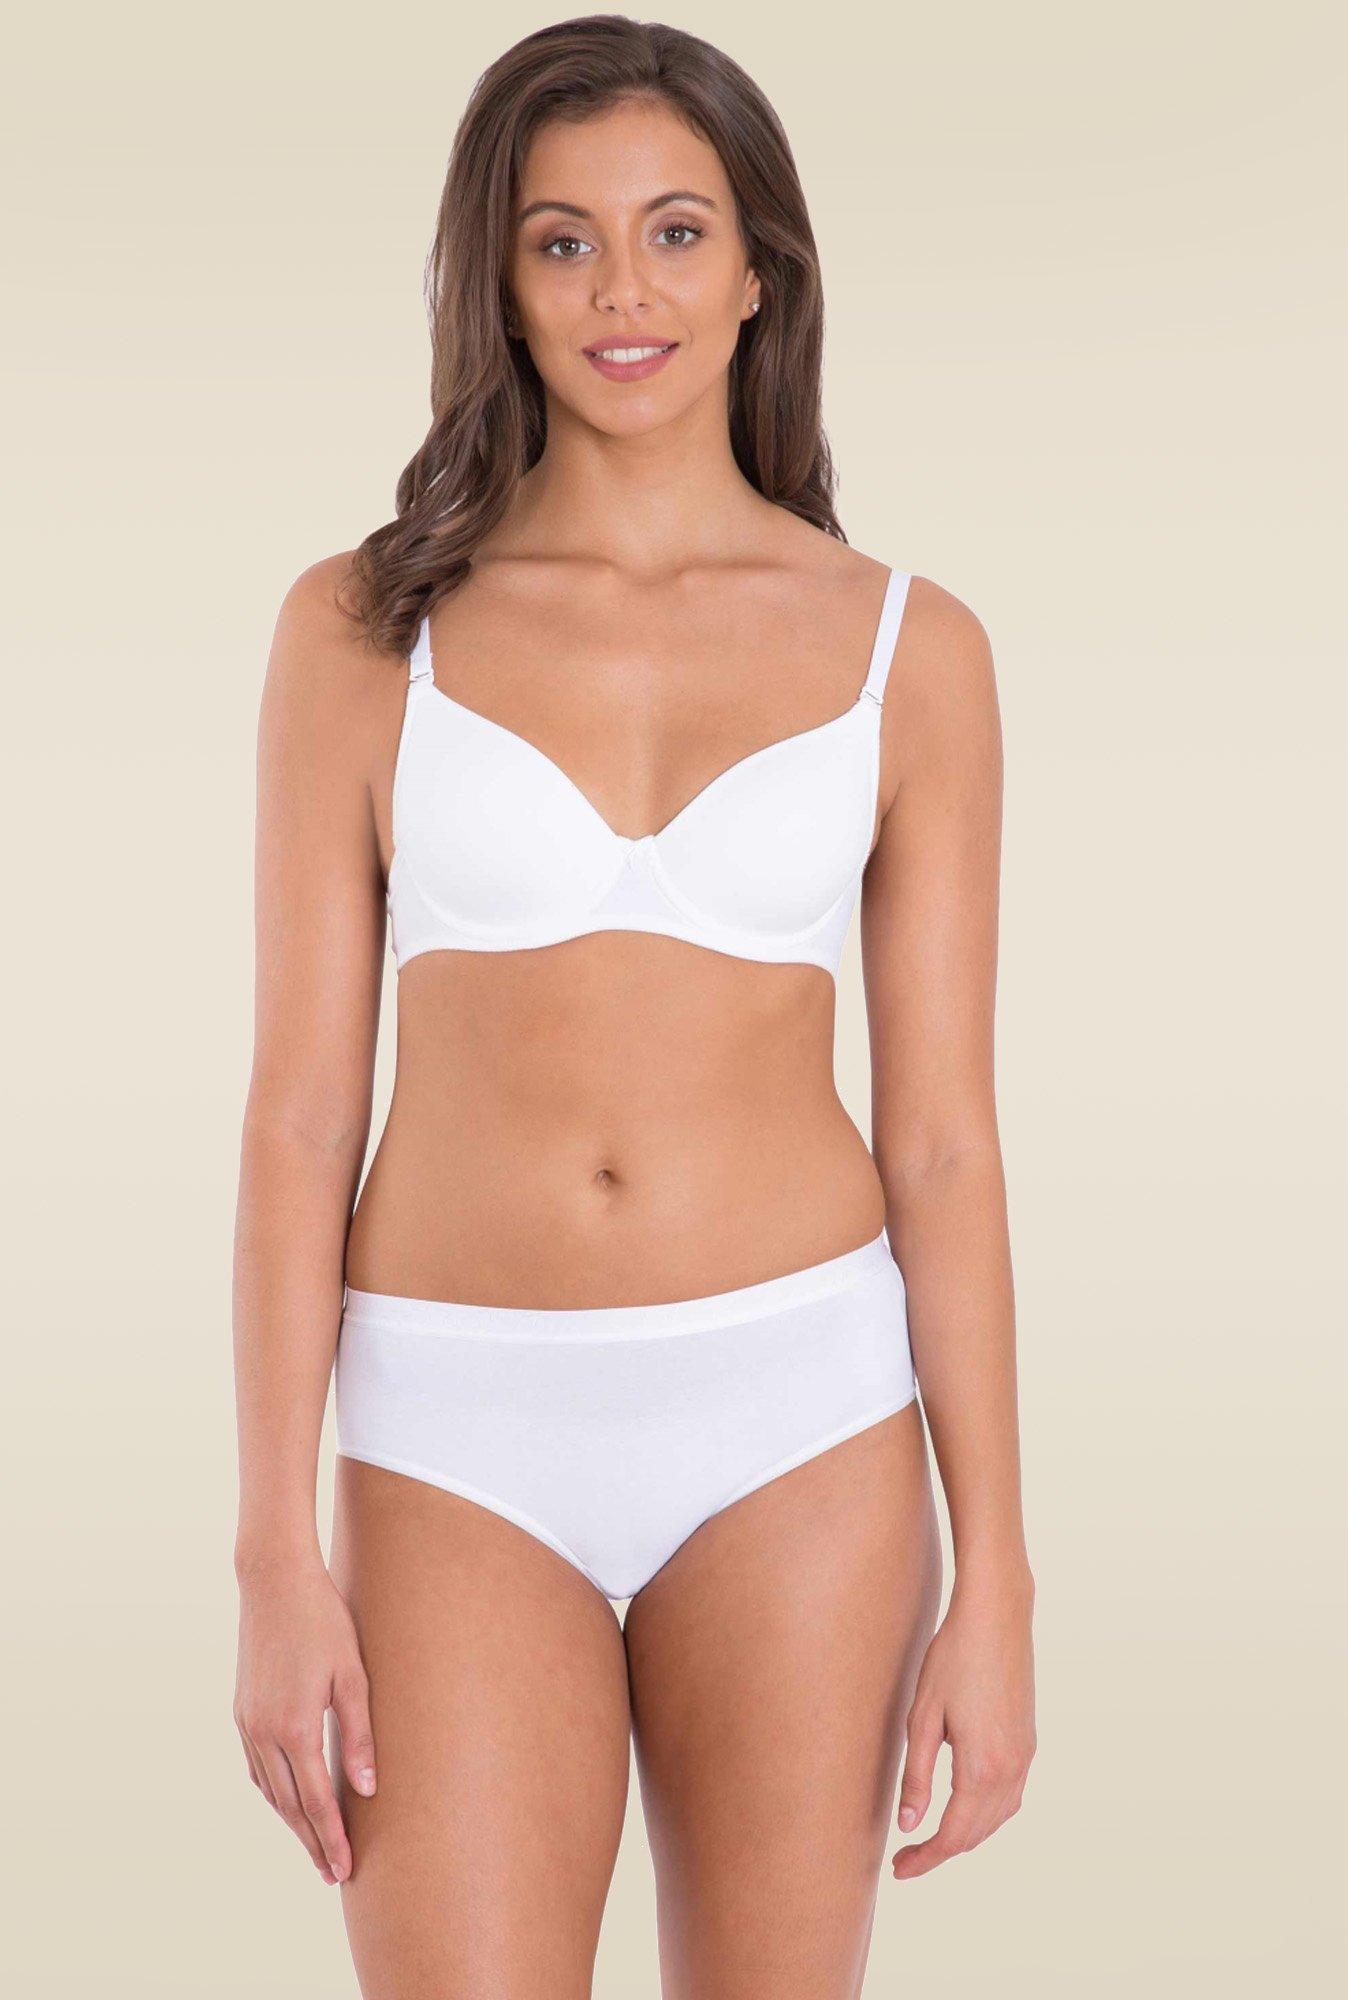 3df5c67416c59 Jockey White T-Shirt Bra - 1245